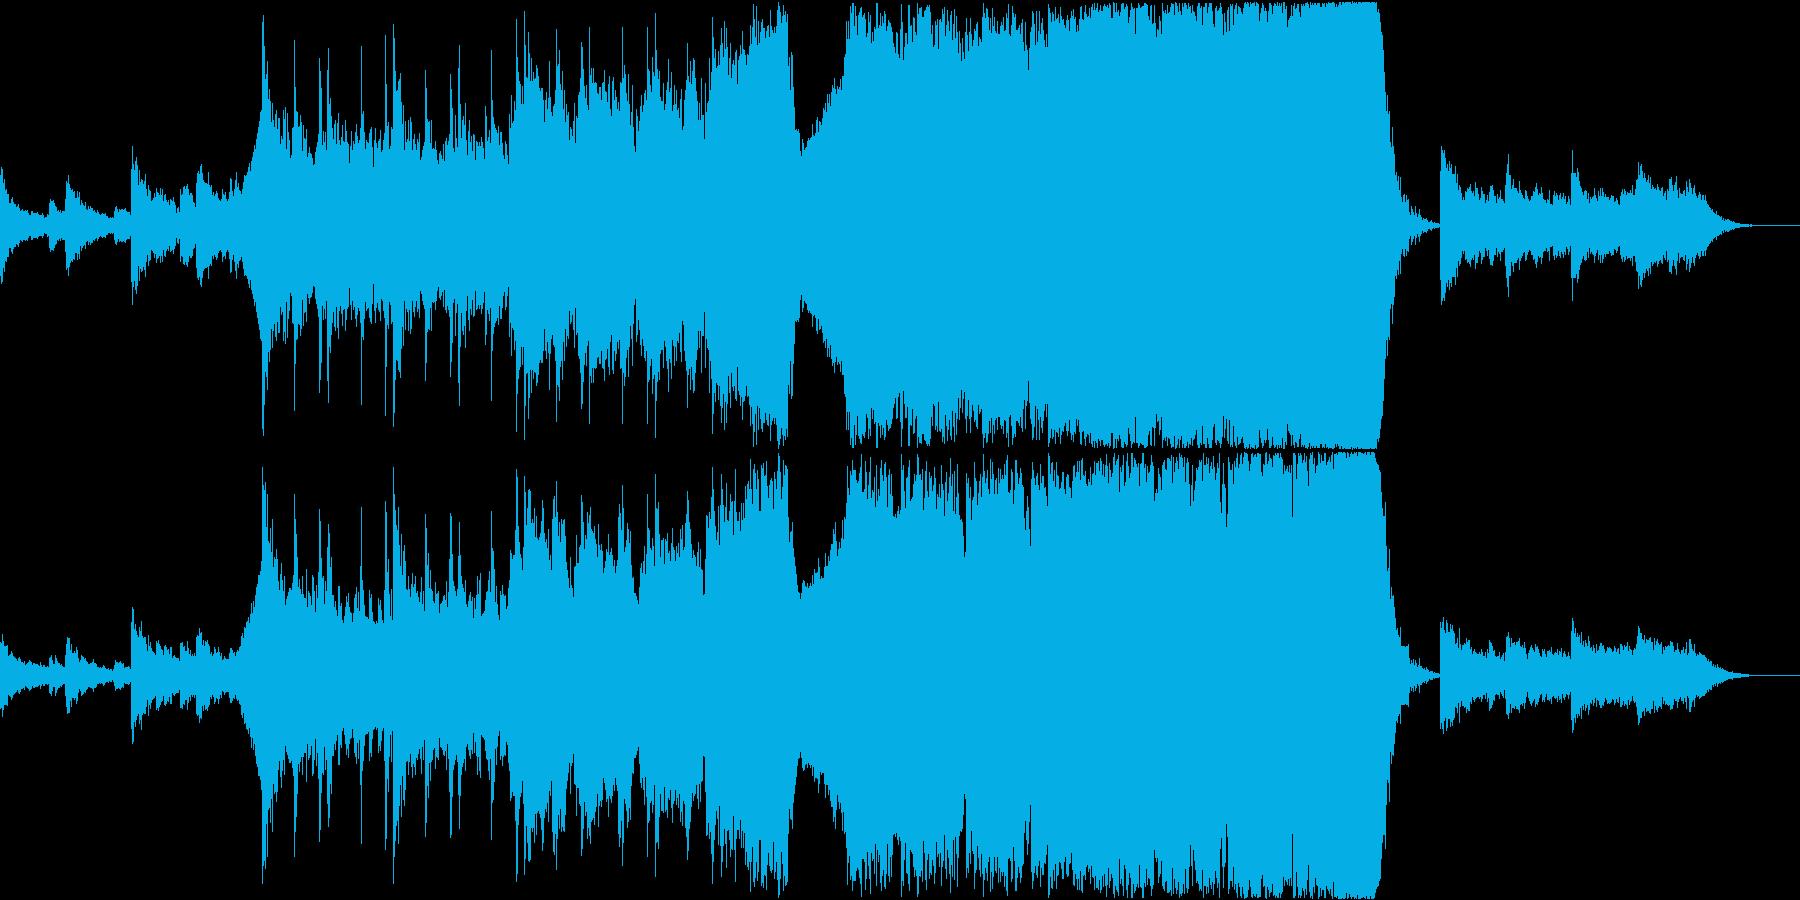 オーケストラによる小品の再生済みの波形